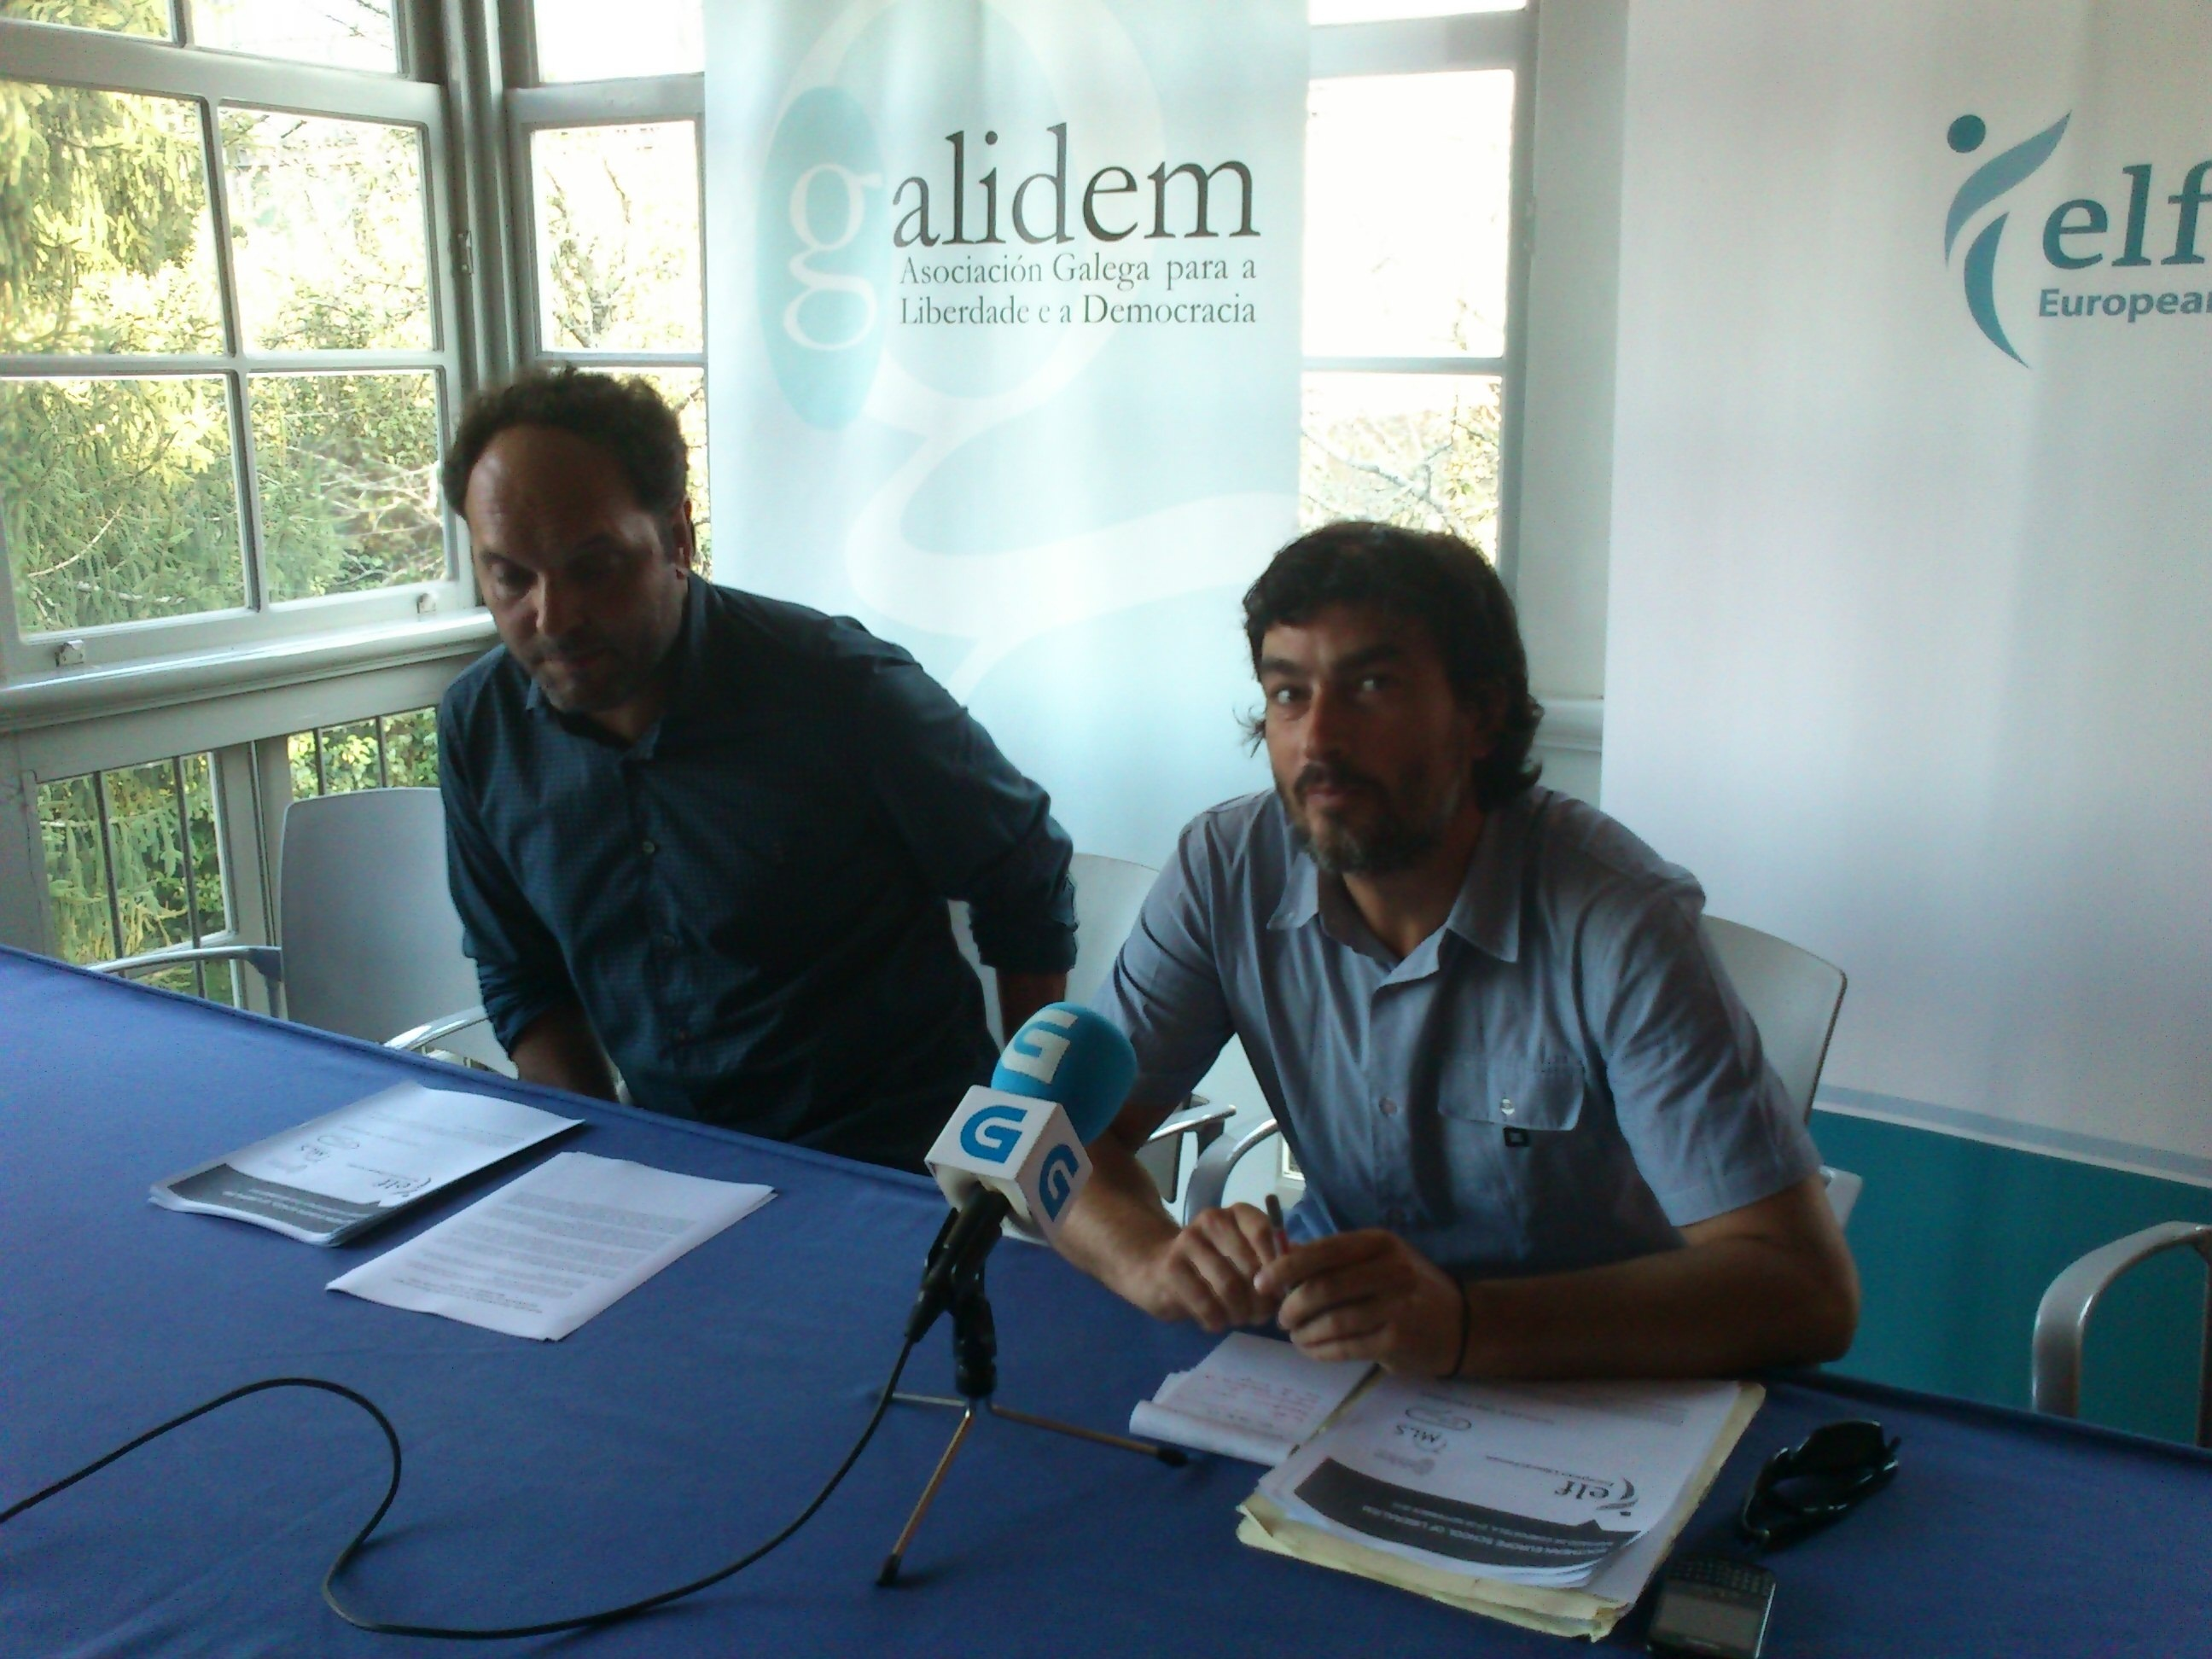 Liberales gallegos atribuyen el resultado del FDP a que Merkel capitalizó la acción de gobierno y a «tiempos convulsos»